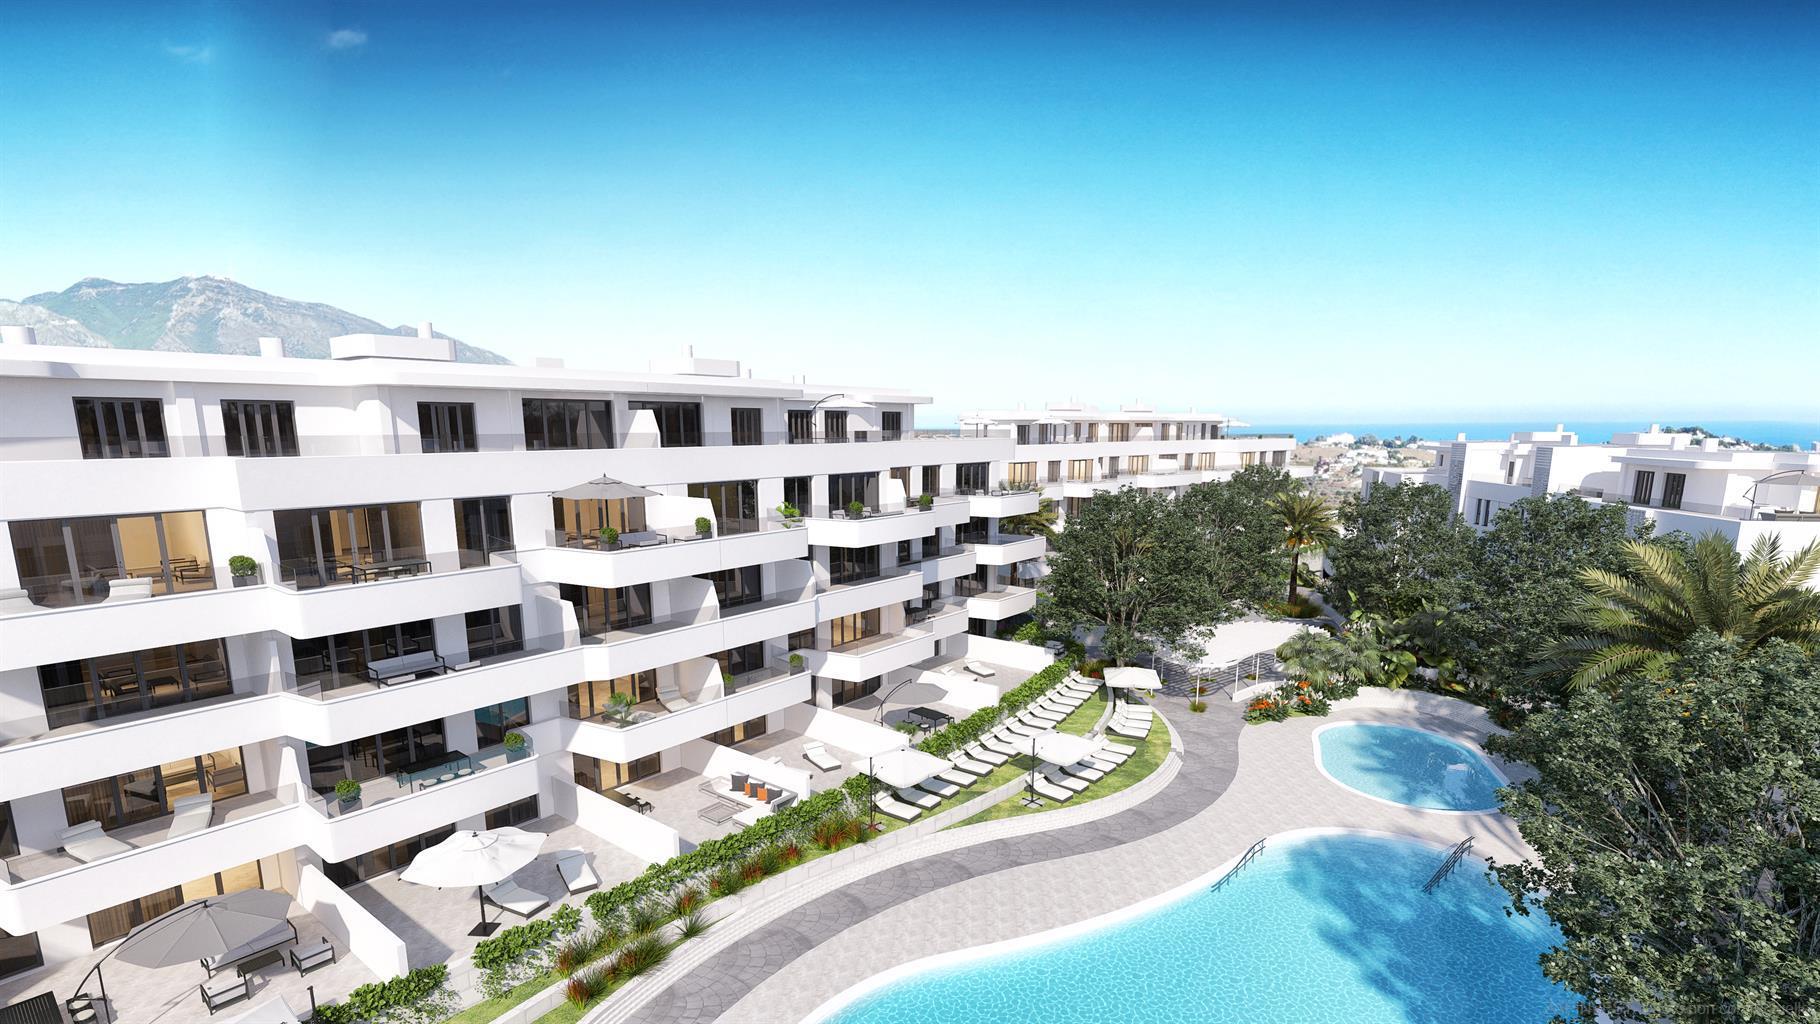 Twee en drie slaapkamer appartementen met een terras van 15m2 tot 207m2, groot gemeenschappelijk zwembad, goed onderhouden tuinen. Slechts enkele minuten van het centrum van Mijas met zijn restaurants, winkelcentrum en sportactiviteiten.